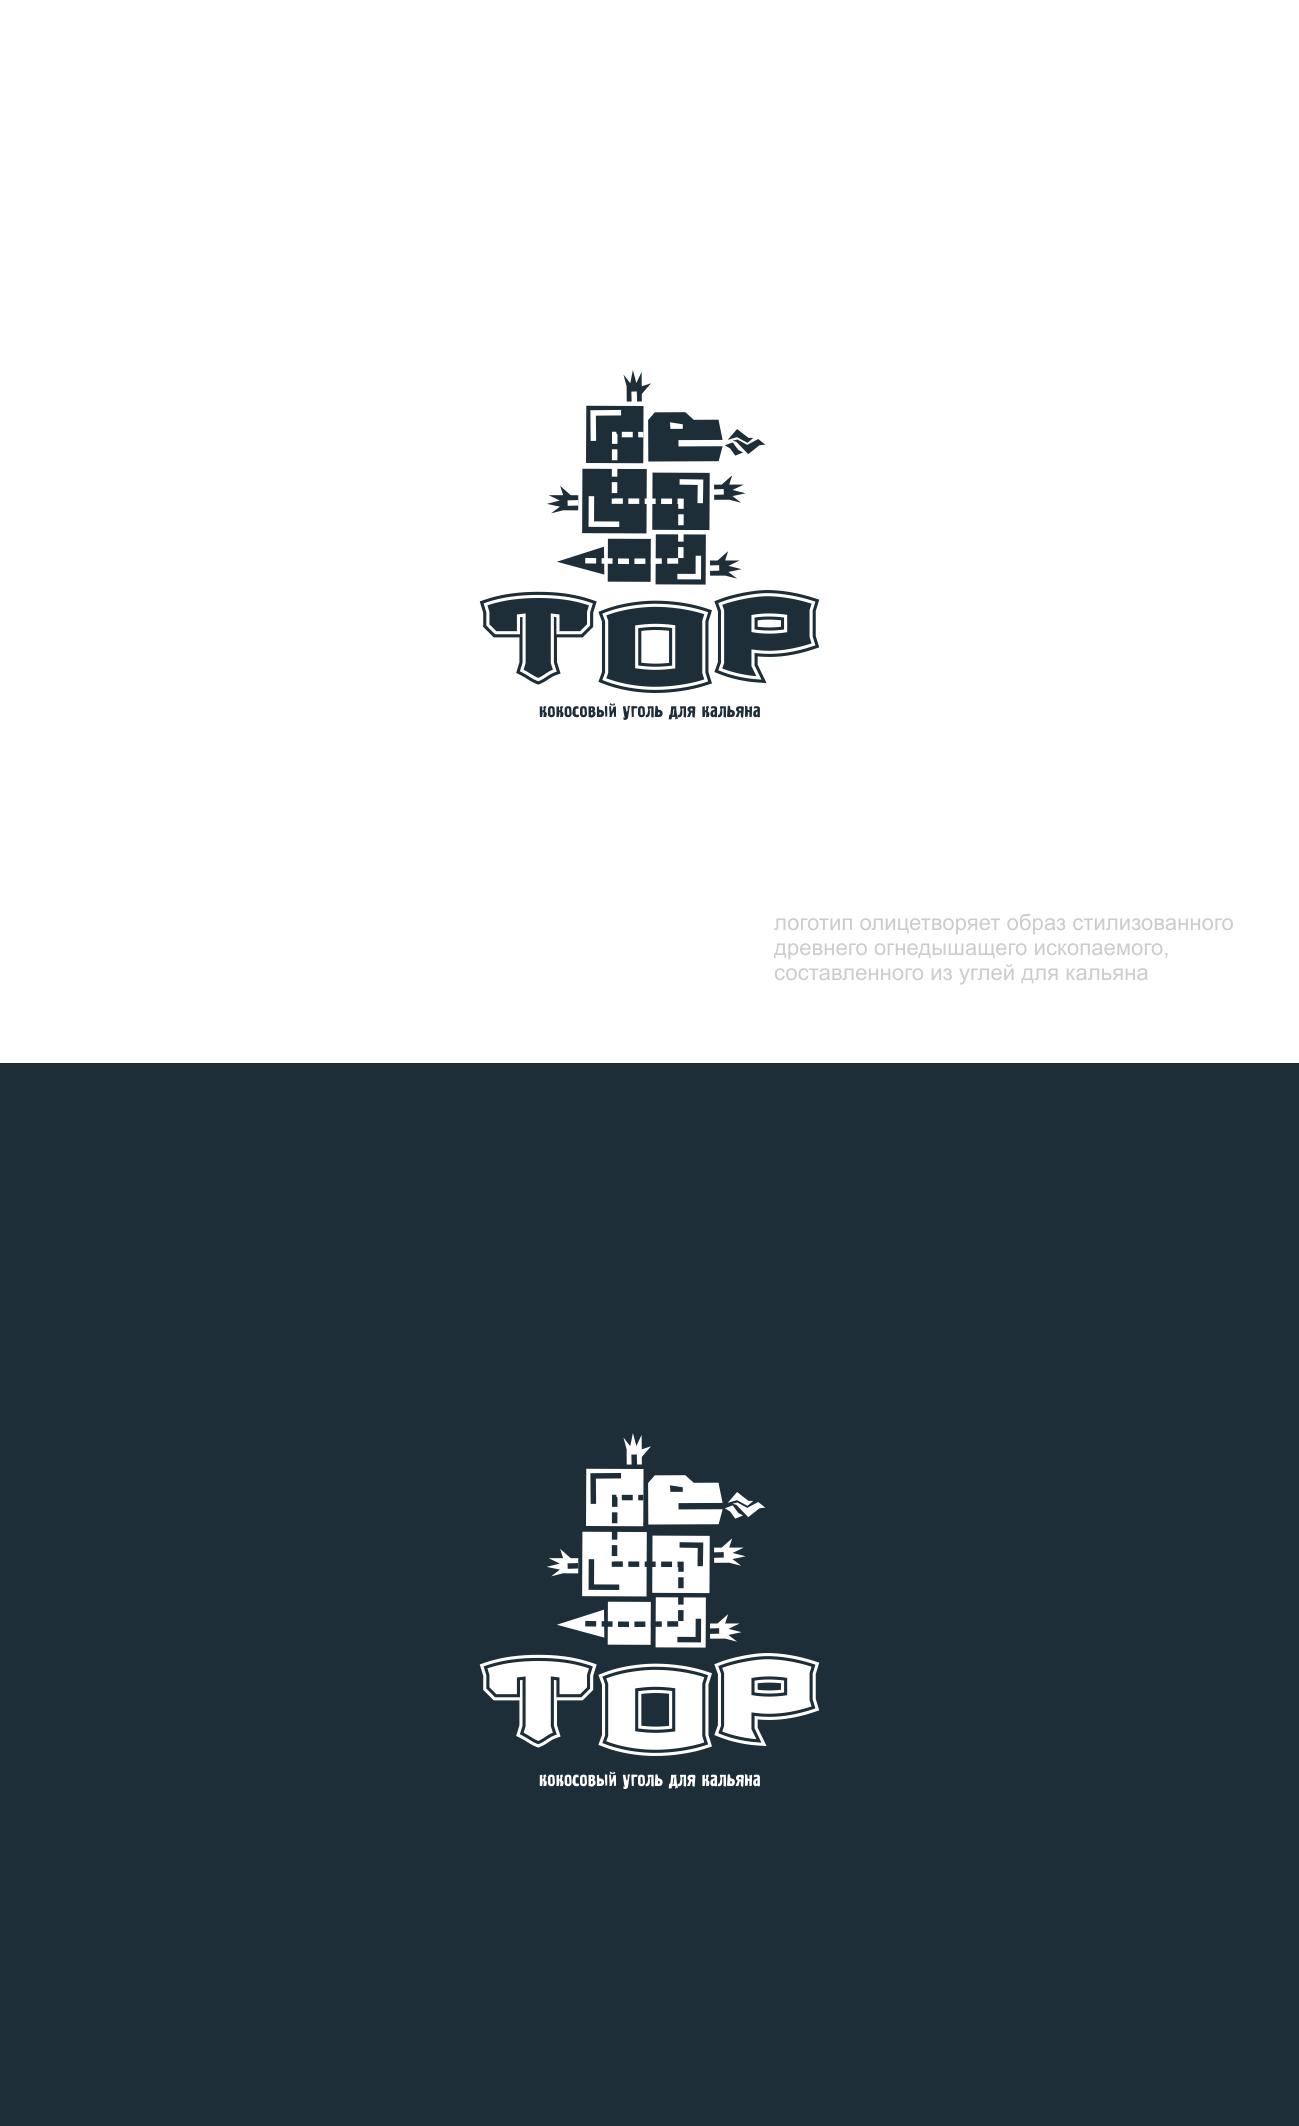 Разработка дизайна коробки, фирменного стиля, логотипа. фото f_7475c5c0ea9b29f8.png